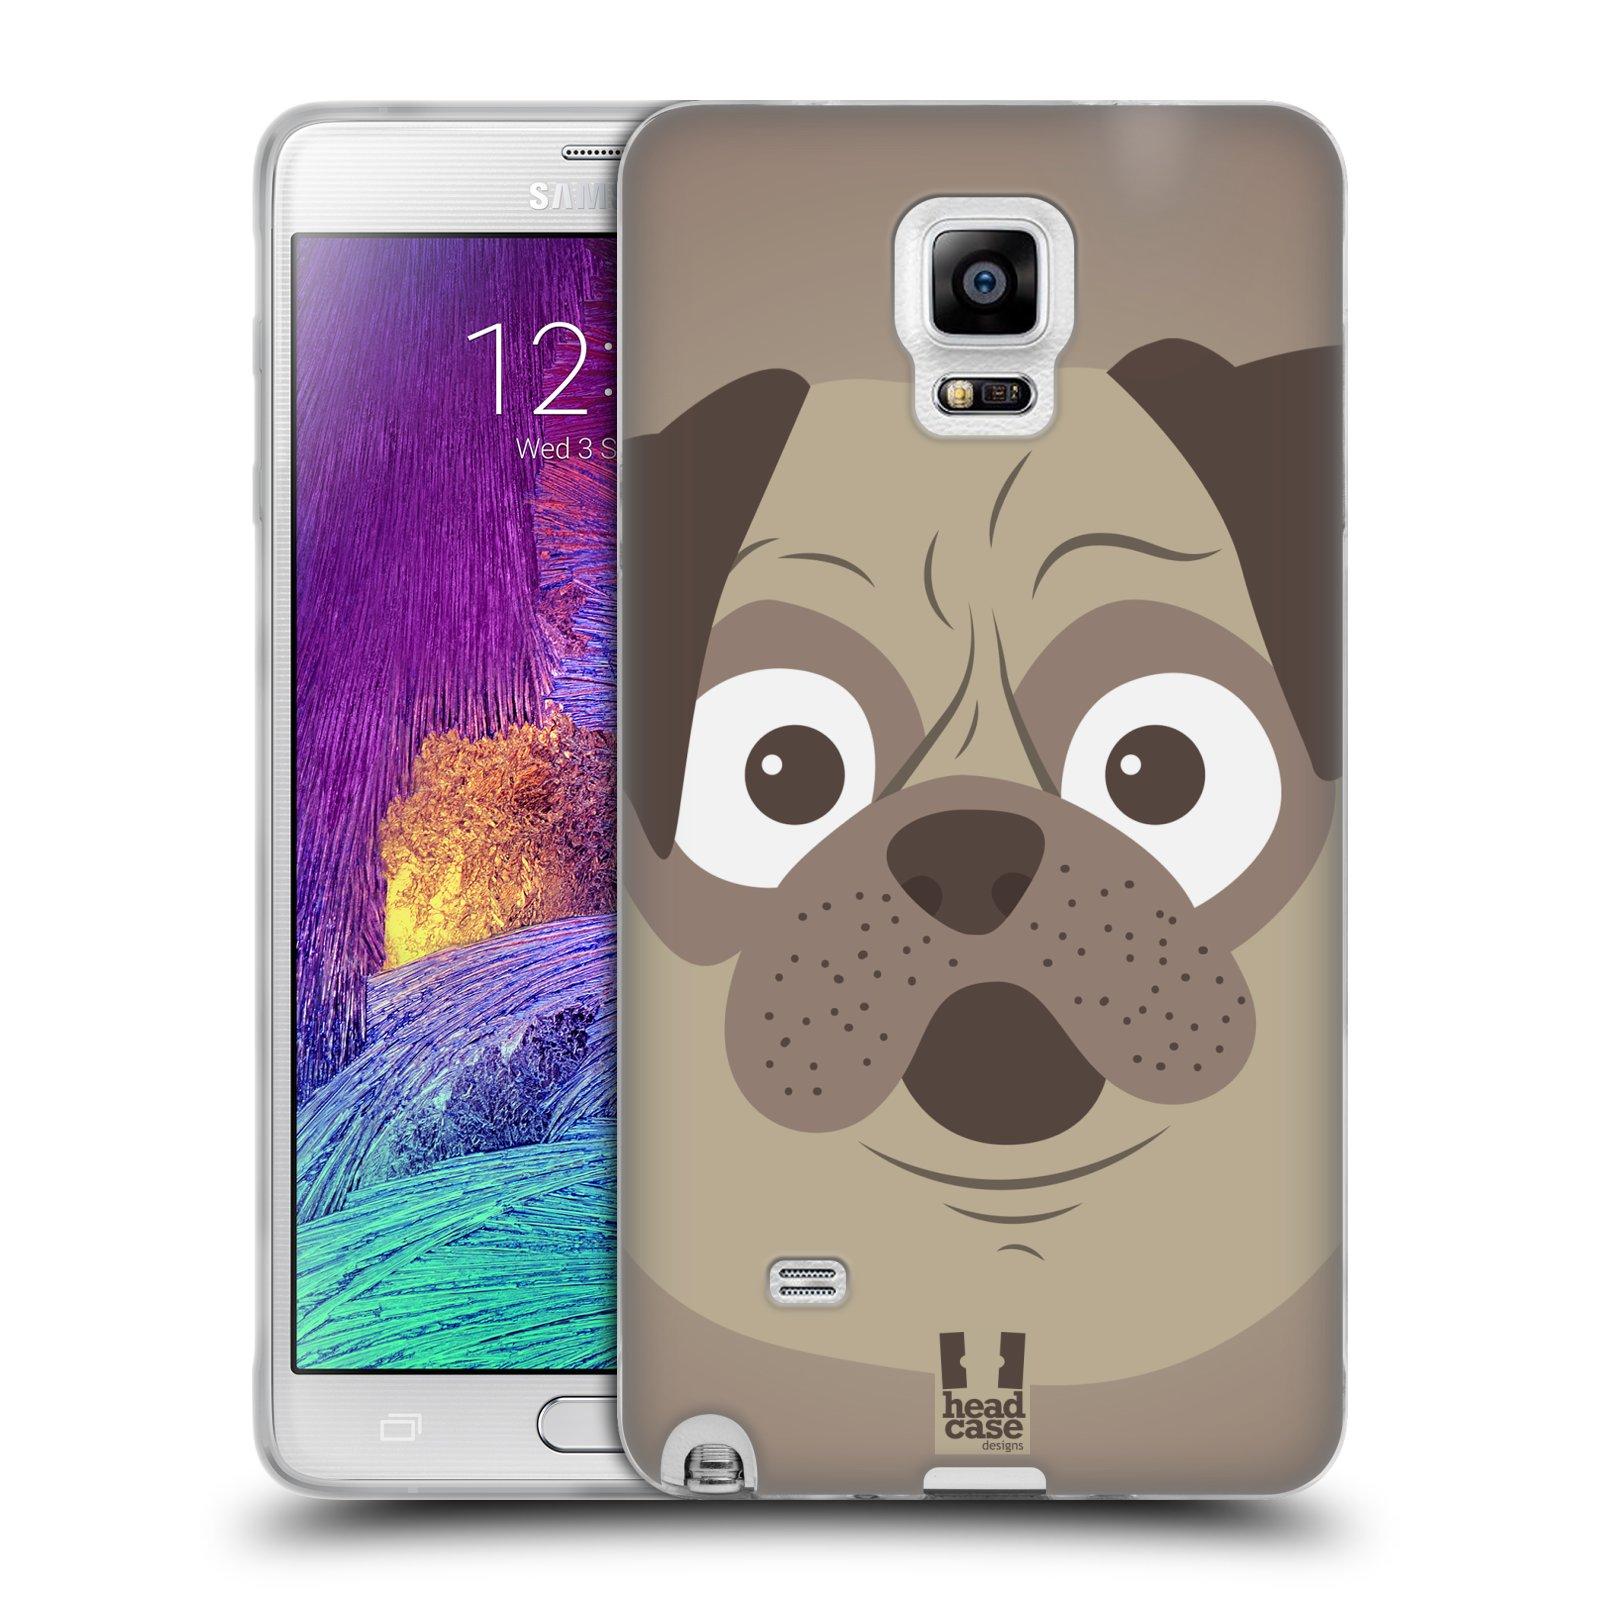 HEAD CASE silikonový obal na mobil Samsung Galaxy Note 4 (N910) vzor Cartoon Karikatura barevná kreslená zvířátka pes mopsík